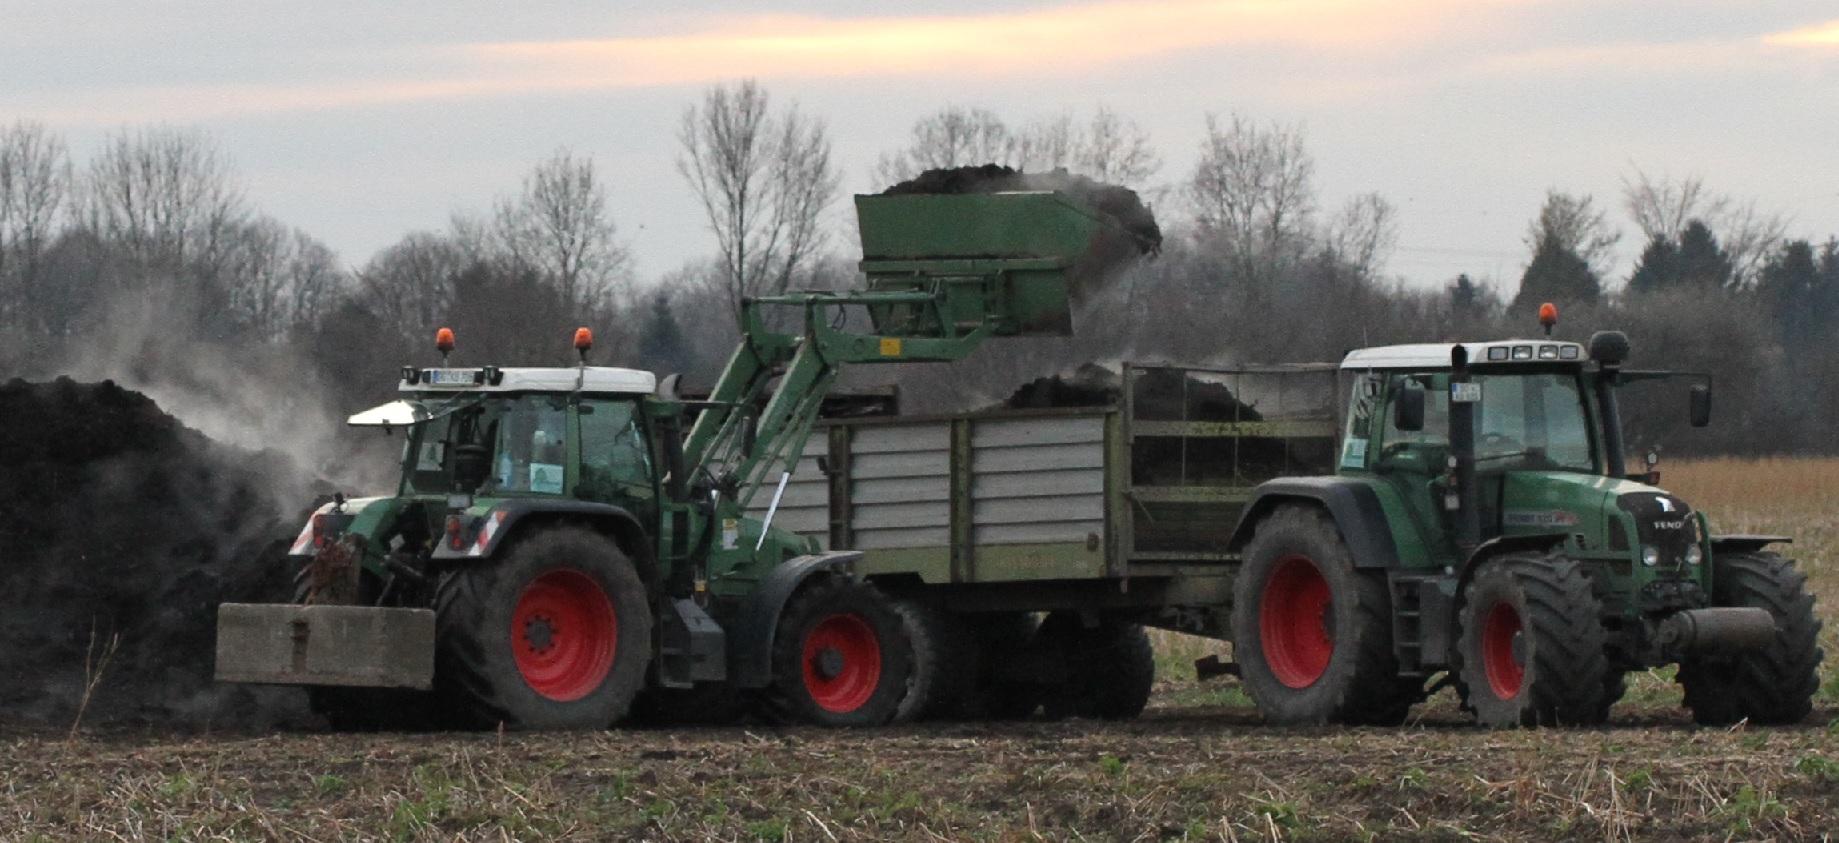 Landwirtschaft Today - Schweres Gerät auf dem Acker - Foto: Delinale.de